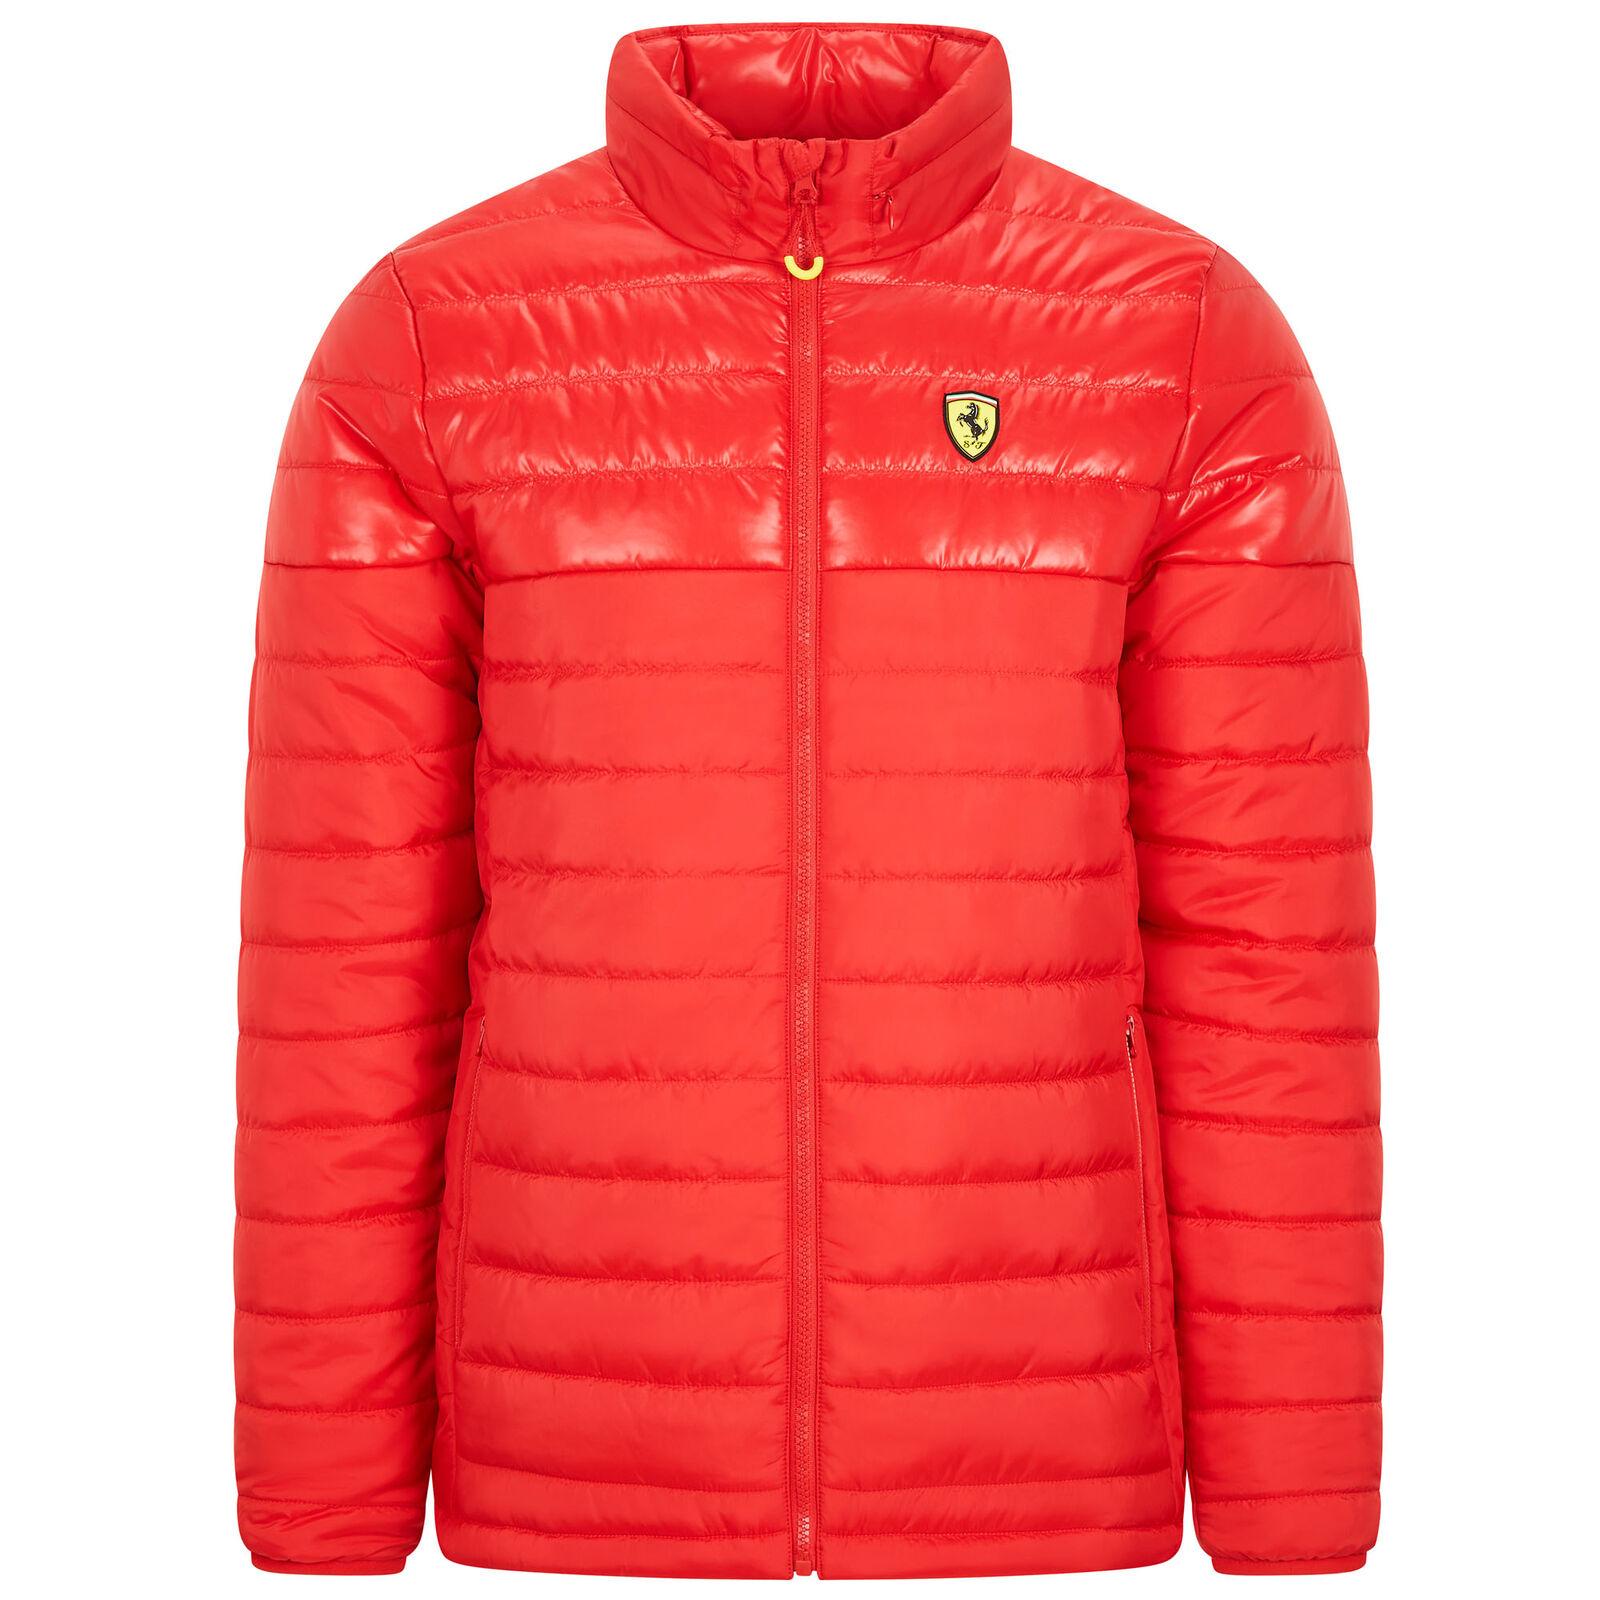 ★送料無料★Scuderia Ferrari Official Red Padded Jacket フェラーリ オフィシャル ダウンジャケット レッド アウター